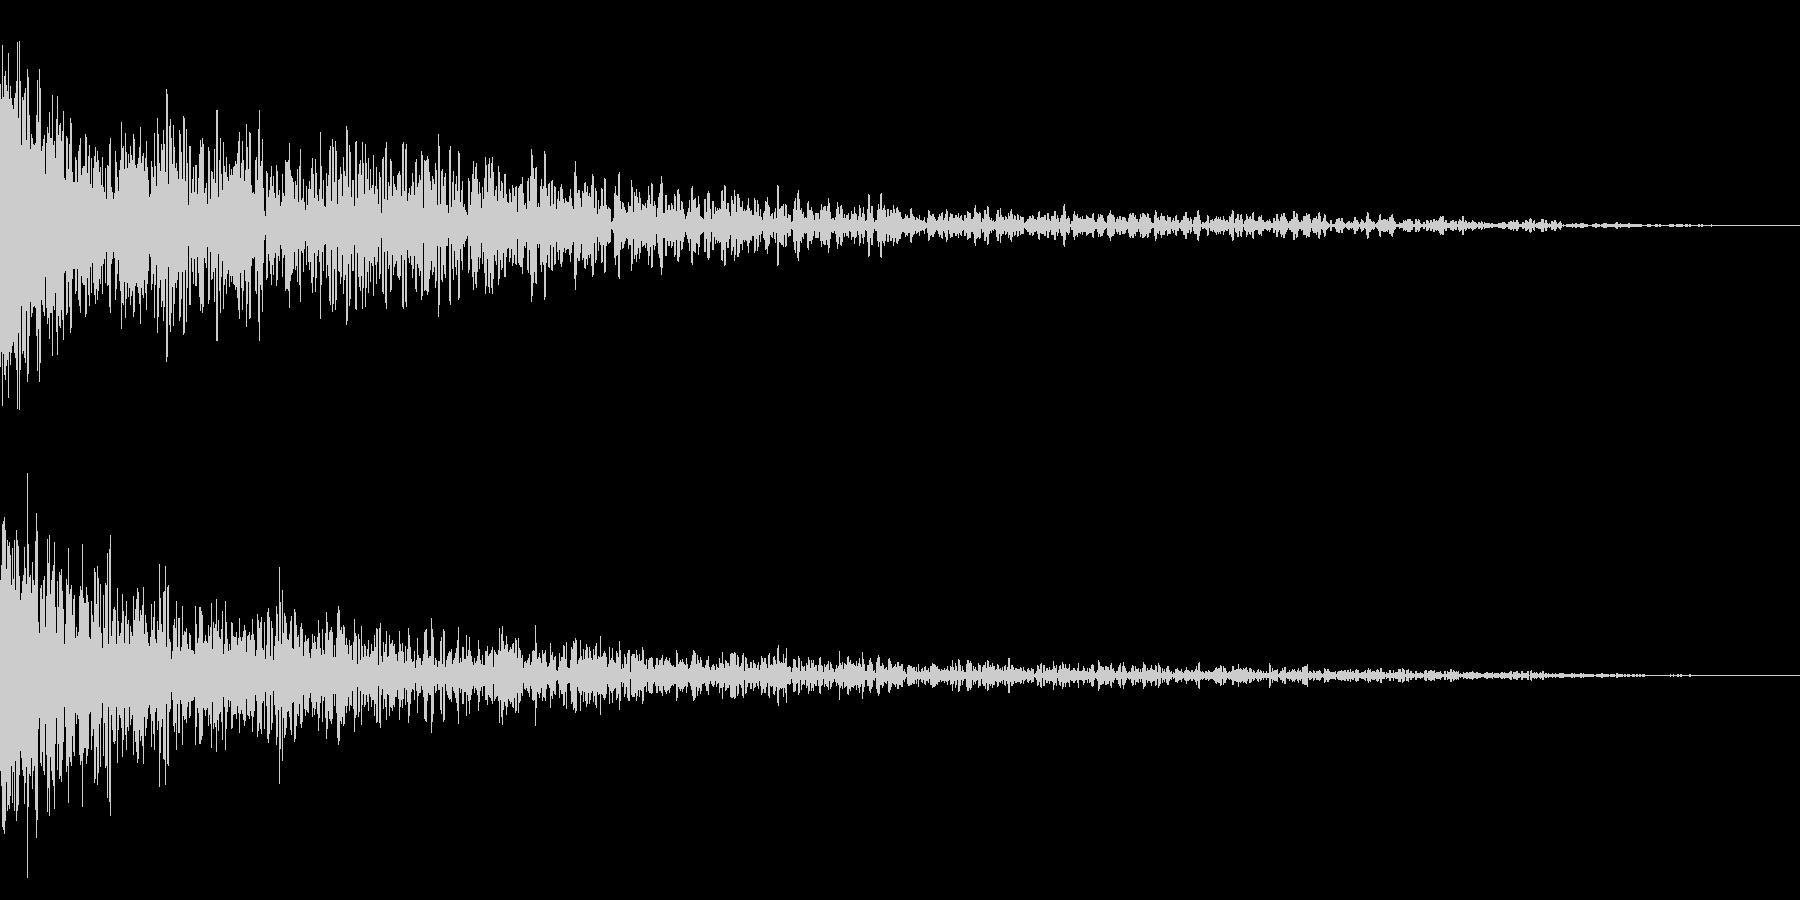 ホラー系アタック音23の未再生の波形